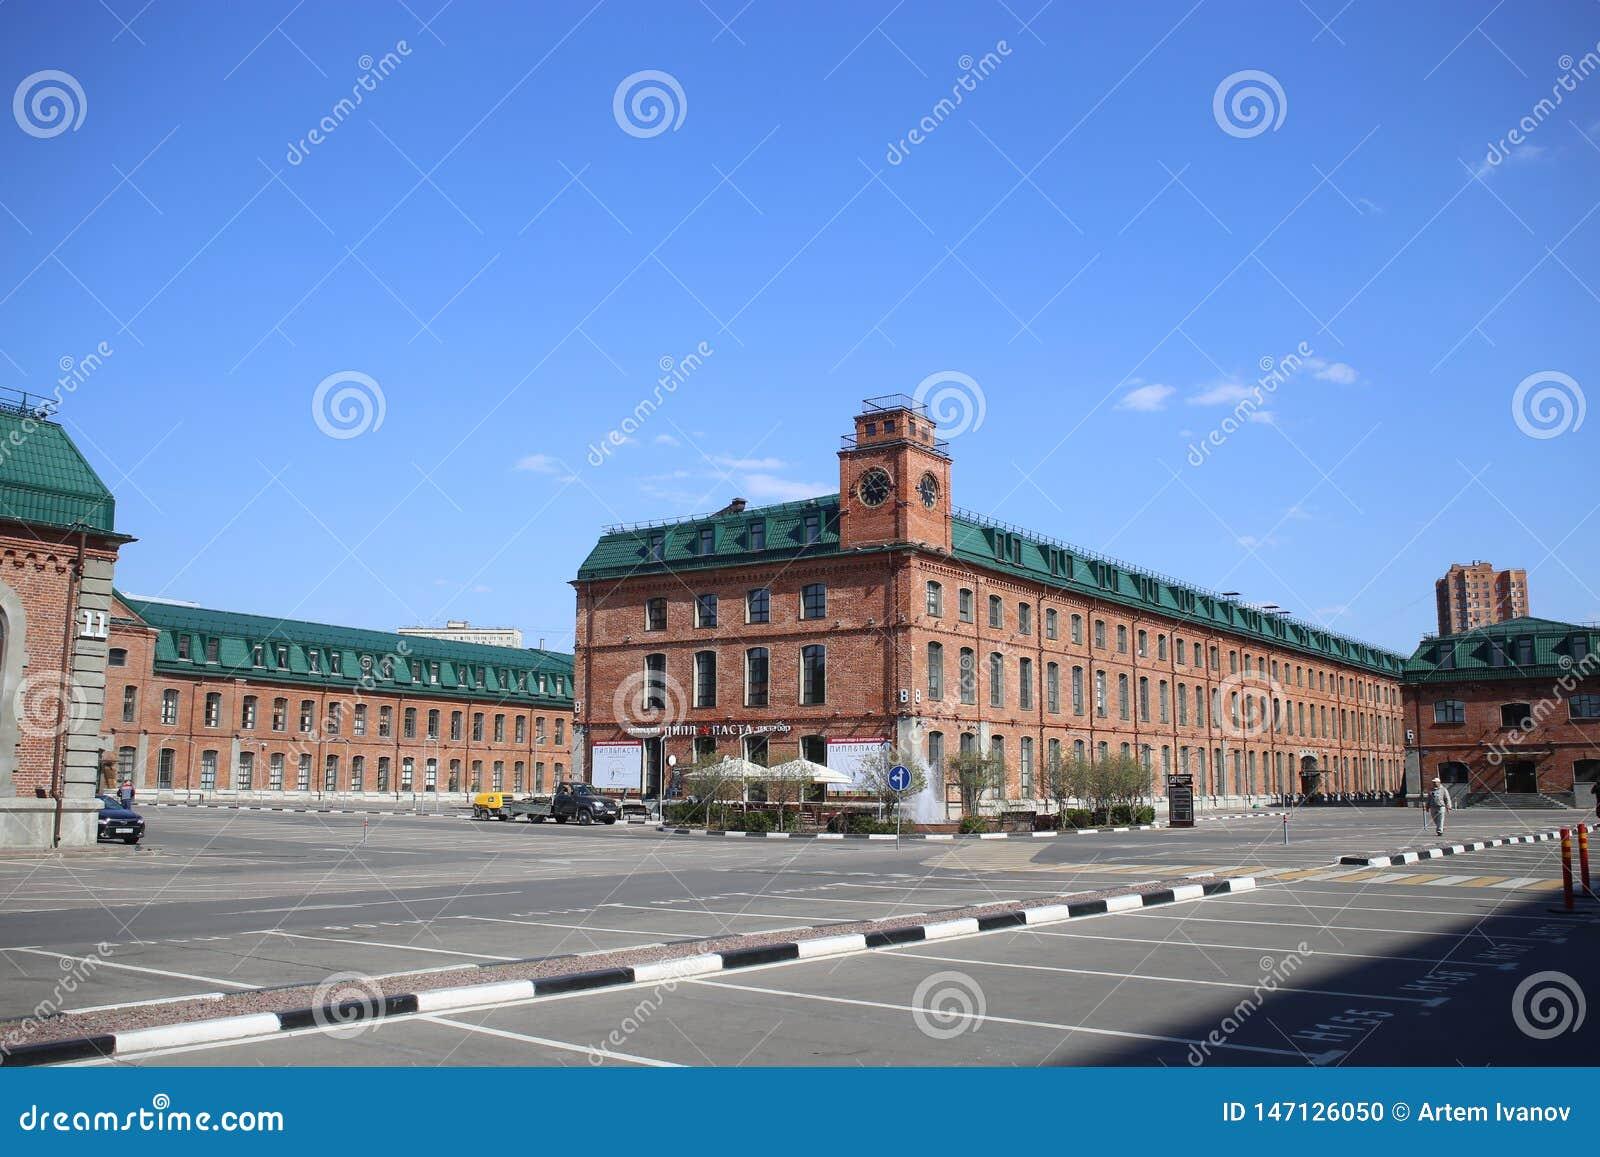 Le quart Novospassky d affaires, situé dans les bâtiments rénovés de l ancienne usine